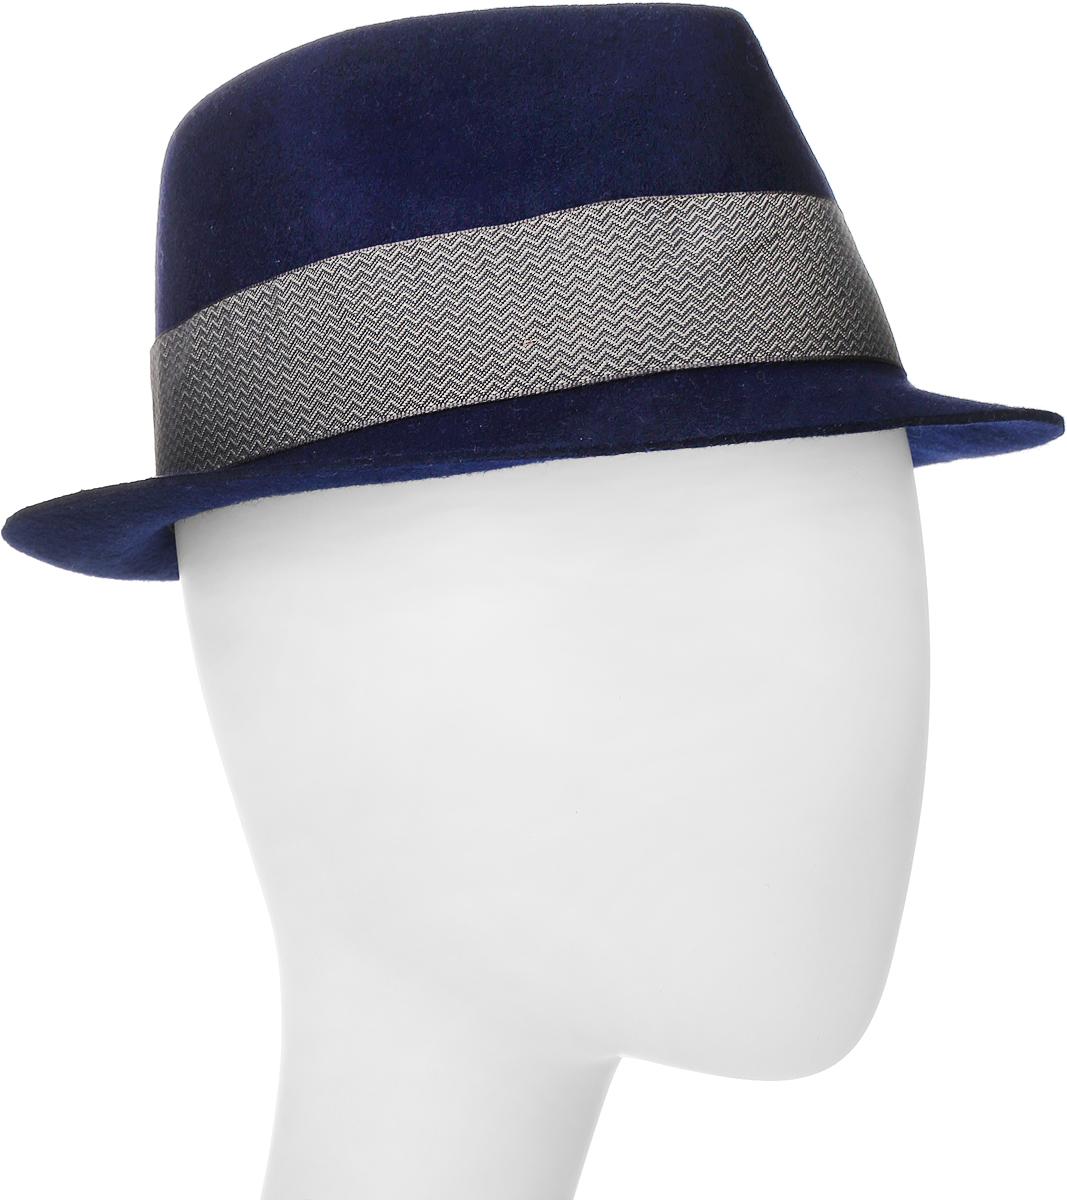 Шляпа Goorin Brothers, цвет: темно-синий. 600-9305. Размер M (57)600-9305Элегантная шляпа Goorin Brothers, выполненная из высококачественной натуральной шерсти, дополнит любой образ. Модель с невысокой вертикальной тульей с продольным заломом и загнутыми вверх полями, которые можно изгибать по желанию. Шляпа-федора оформлена узорчатой лентой с перетяжкой, которая обозначена маленьким логотипом Goorin Bros. Внутри модель дополнена плотной тесьмой для комфортной посадки изделия по голове. Аккуратные поля шляпы придадут вашему образу таинственности и шарма. Такая шляпа подчеркнет вашу неповторимость и прекрасный вкус.